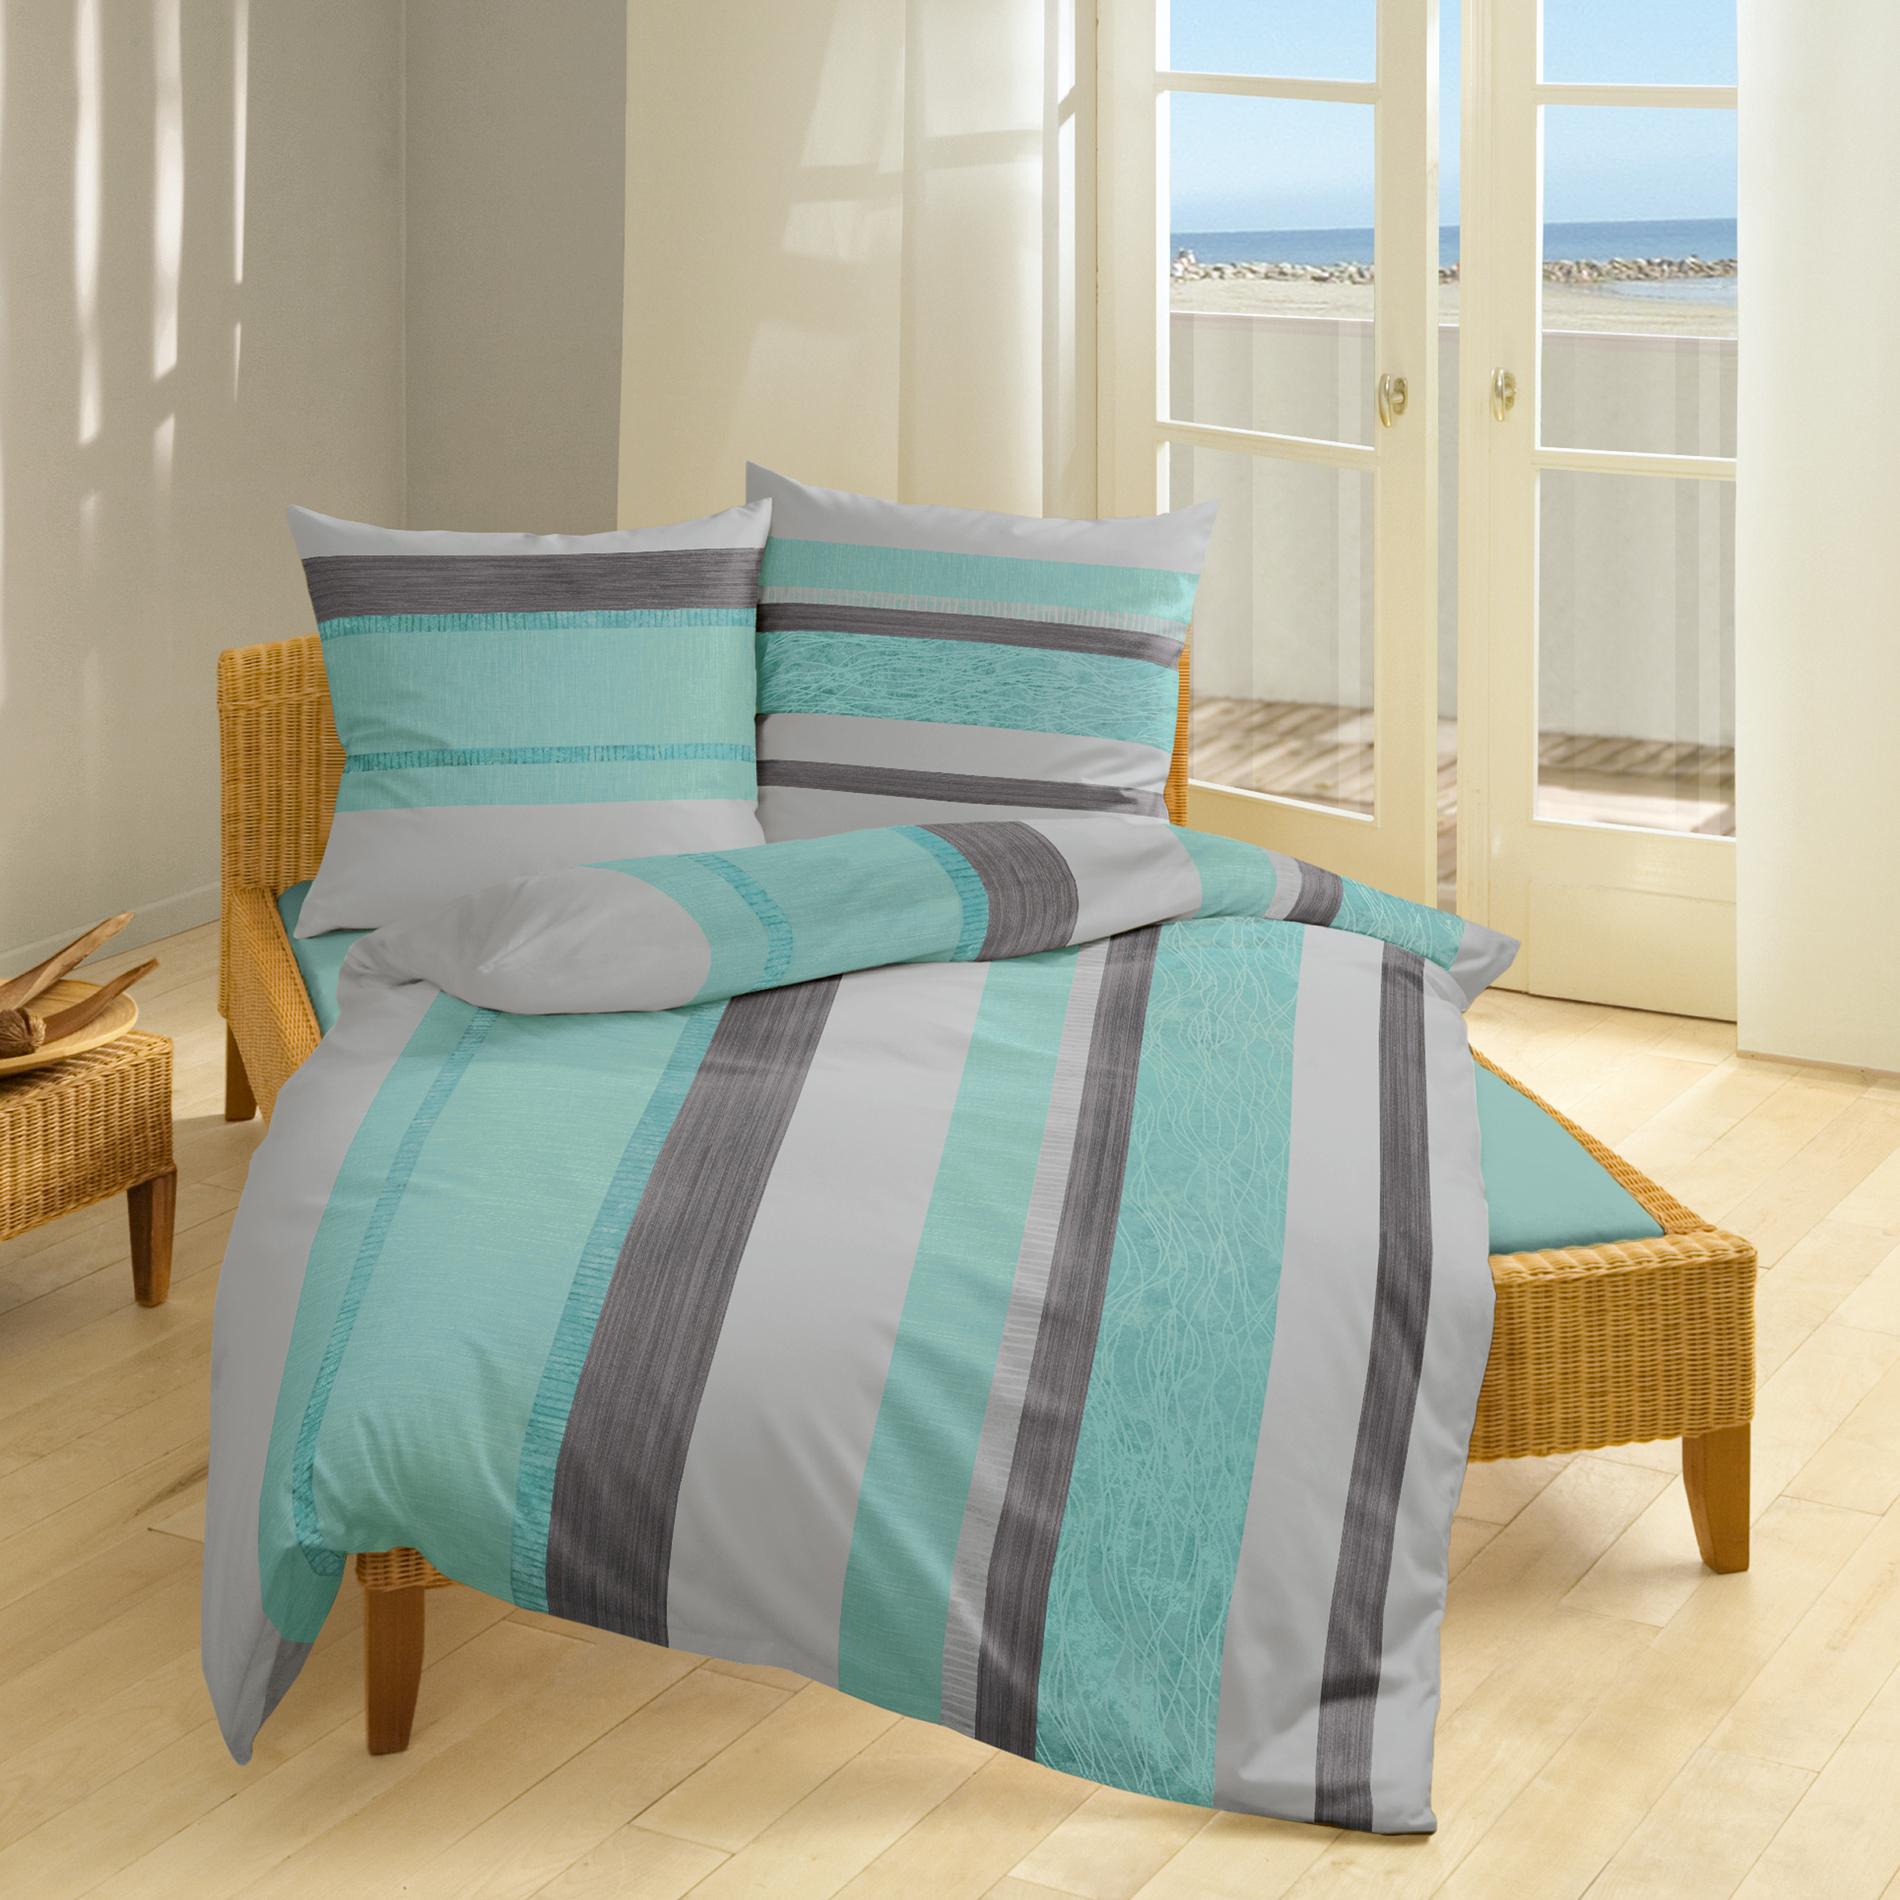 Dreamtex Thermo Fleece Bettwäsche 155 X 220 Cm Elegant Stripes